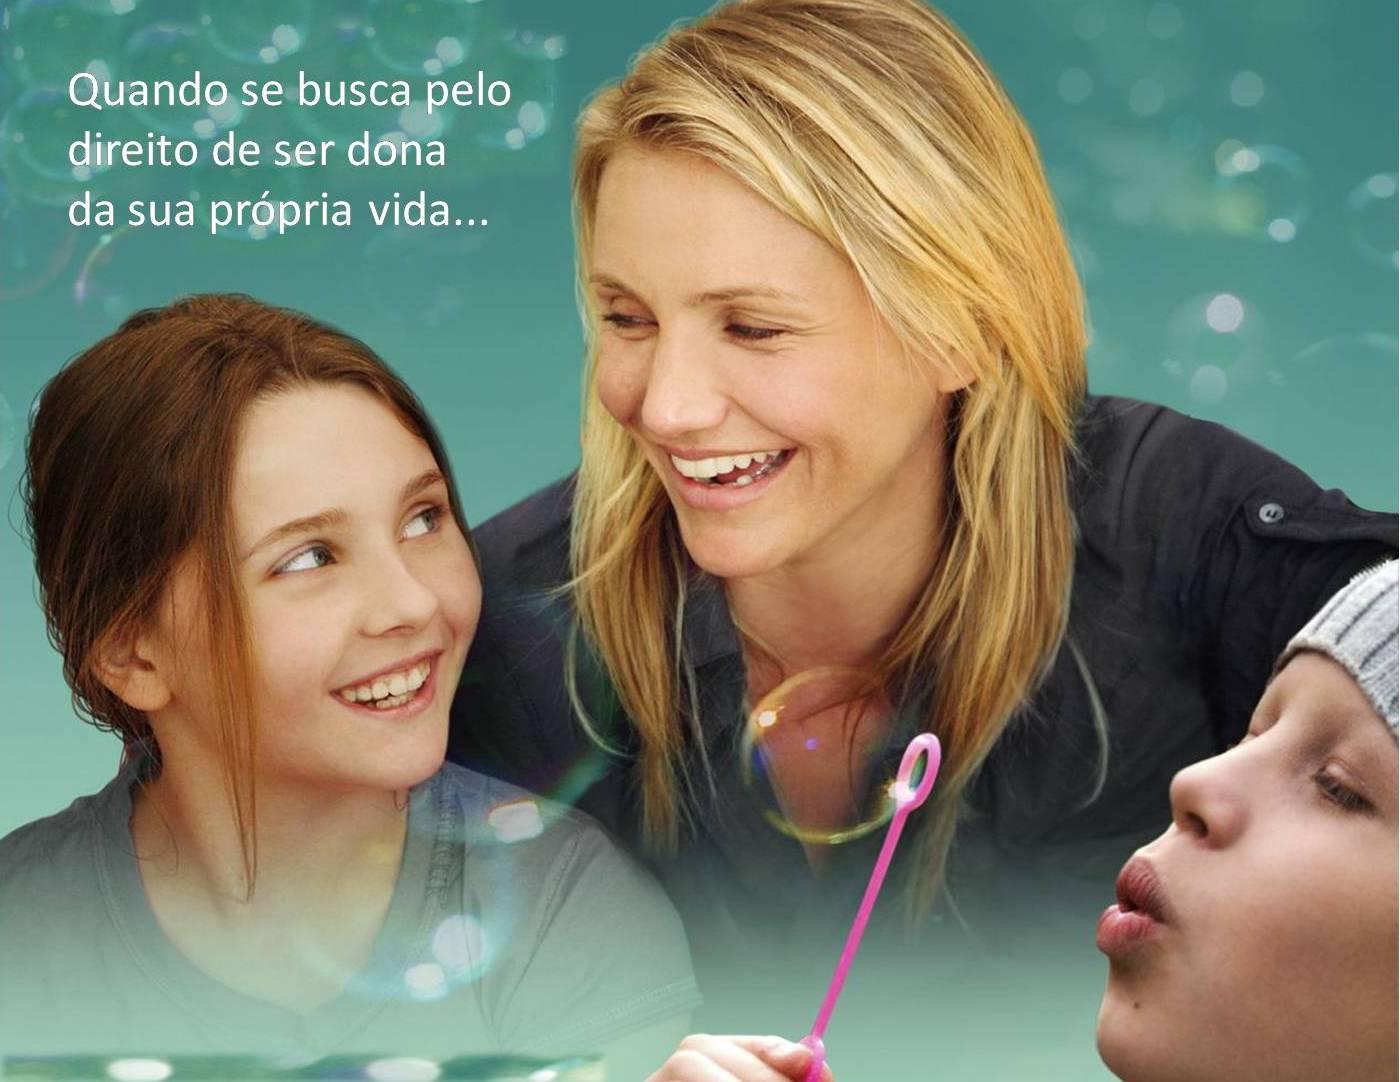 http://2.bp.blogspot.com/_YRQXoeuc8SM/TIEs9lIwa9I/AAAAAAAACuU/7s_xczFSjuM/s1600/uma-prova-de-amor_2009.jpg